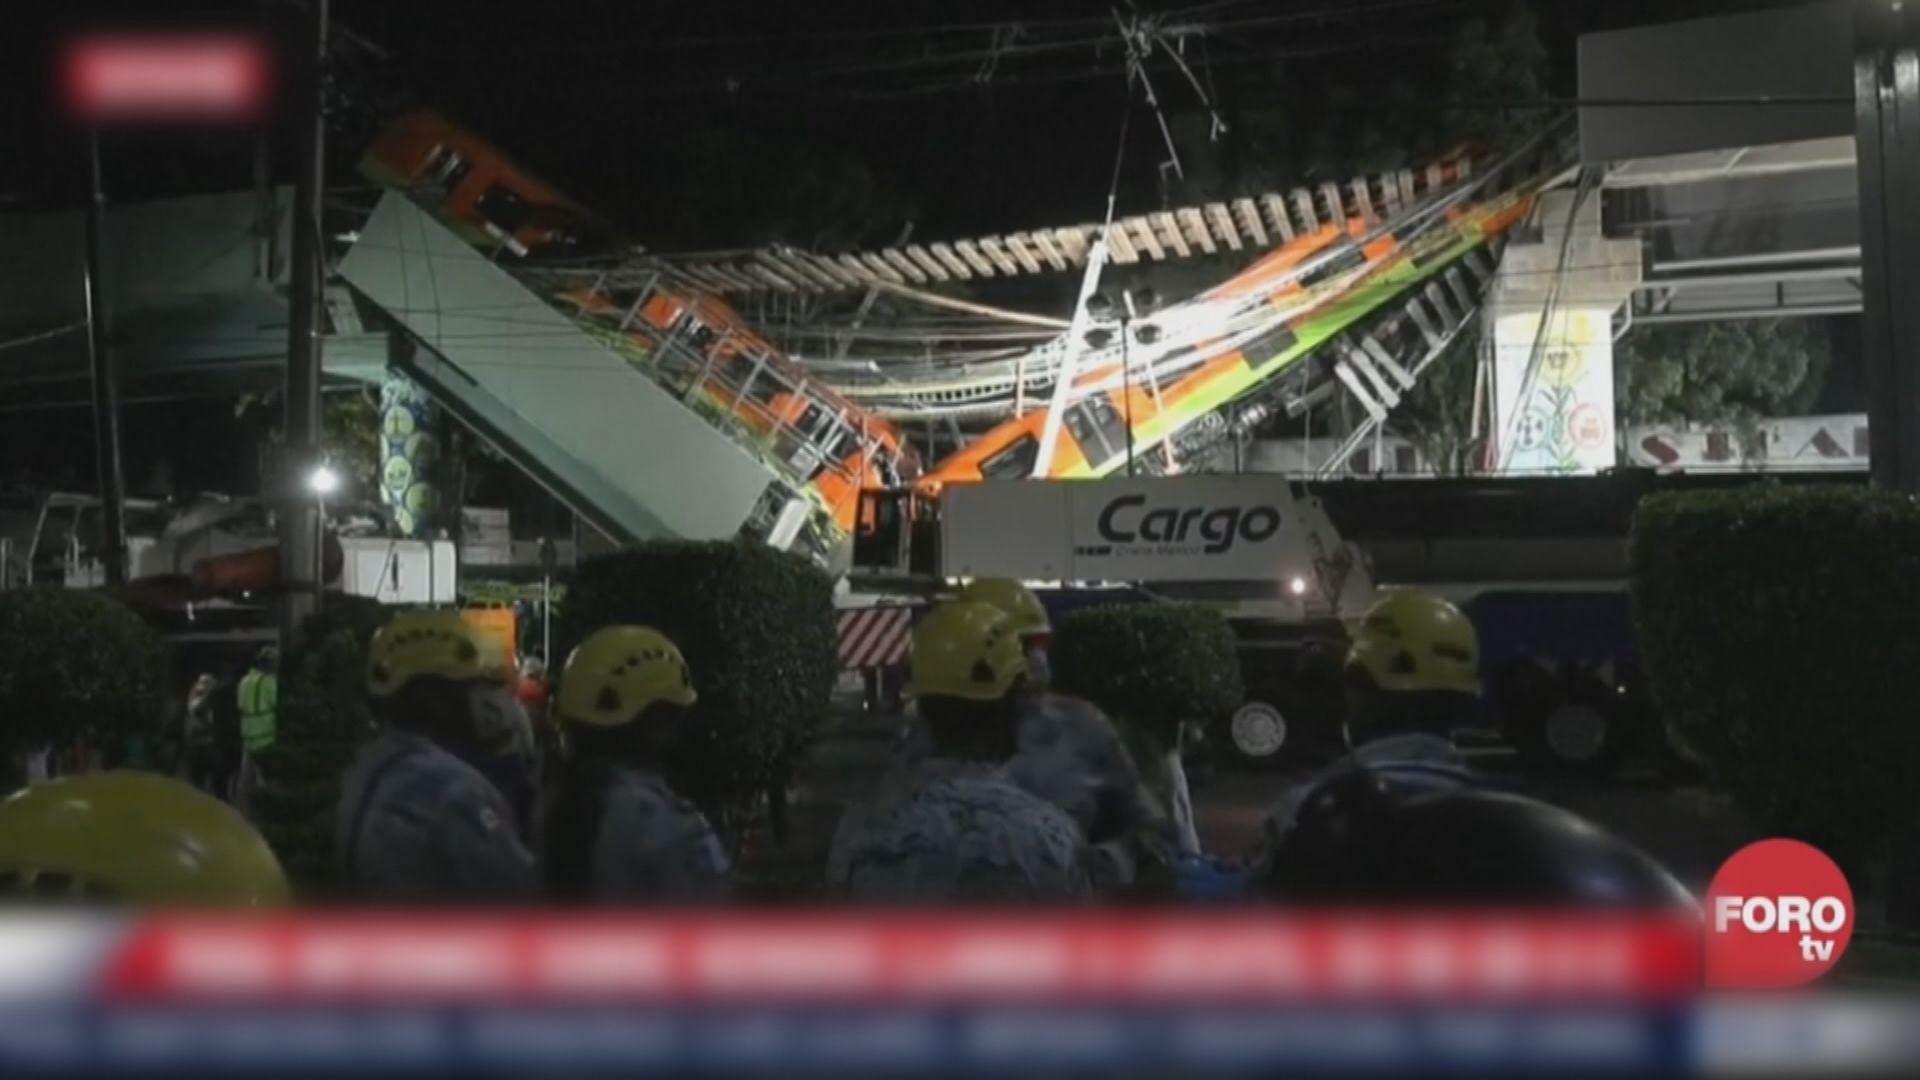 墨西哥城地鐵列車墮下事故增至24人死亡